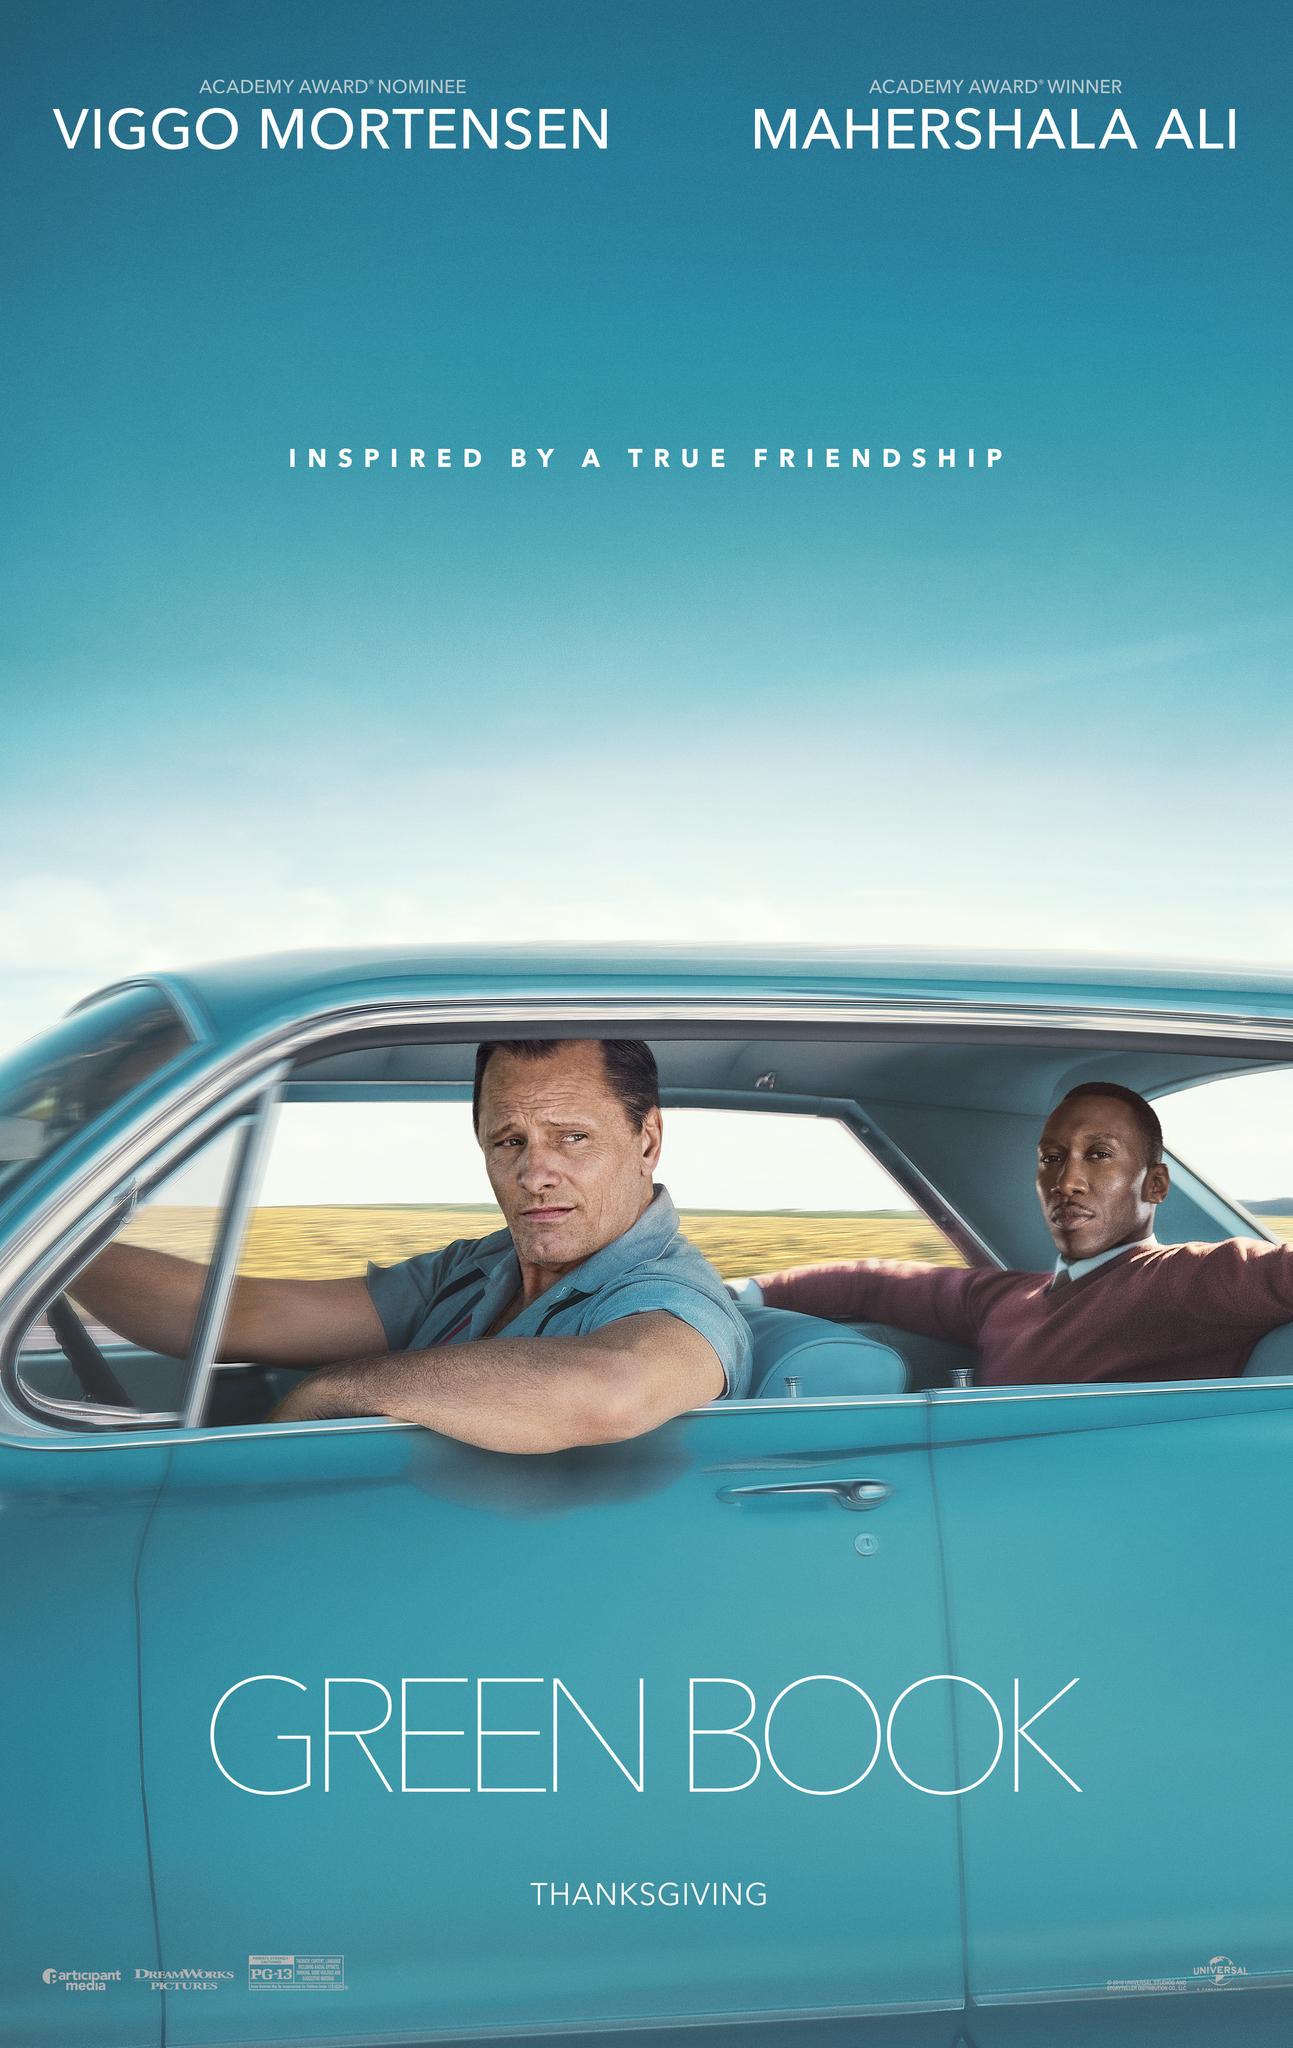 greenbook movie poster.jpg